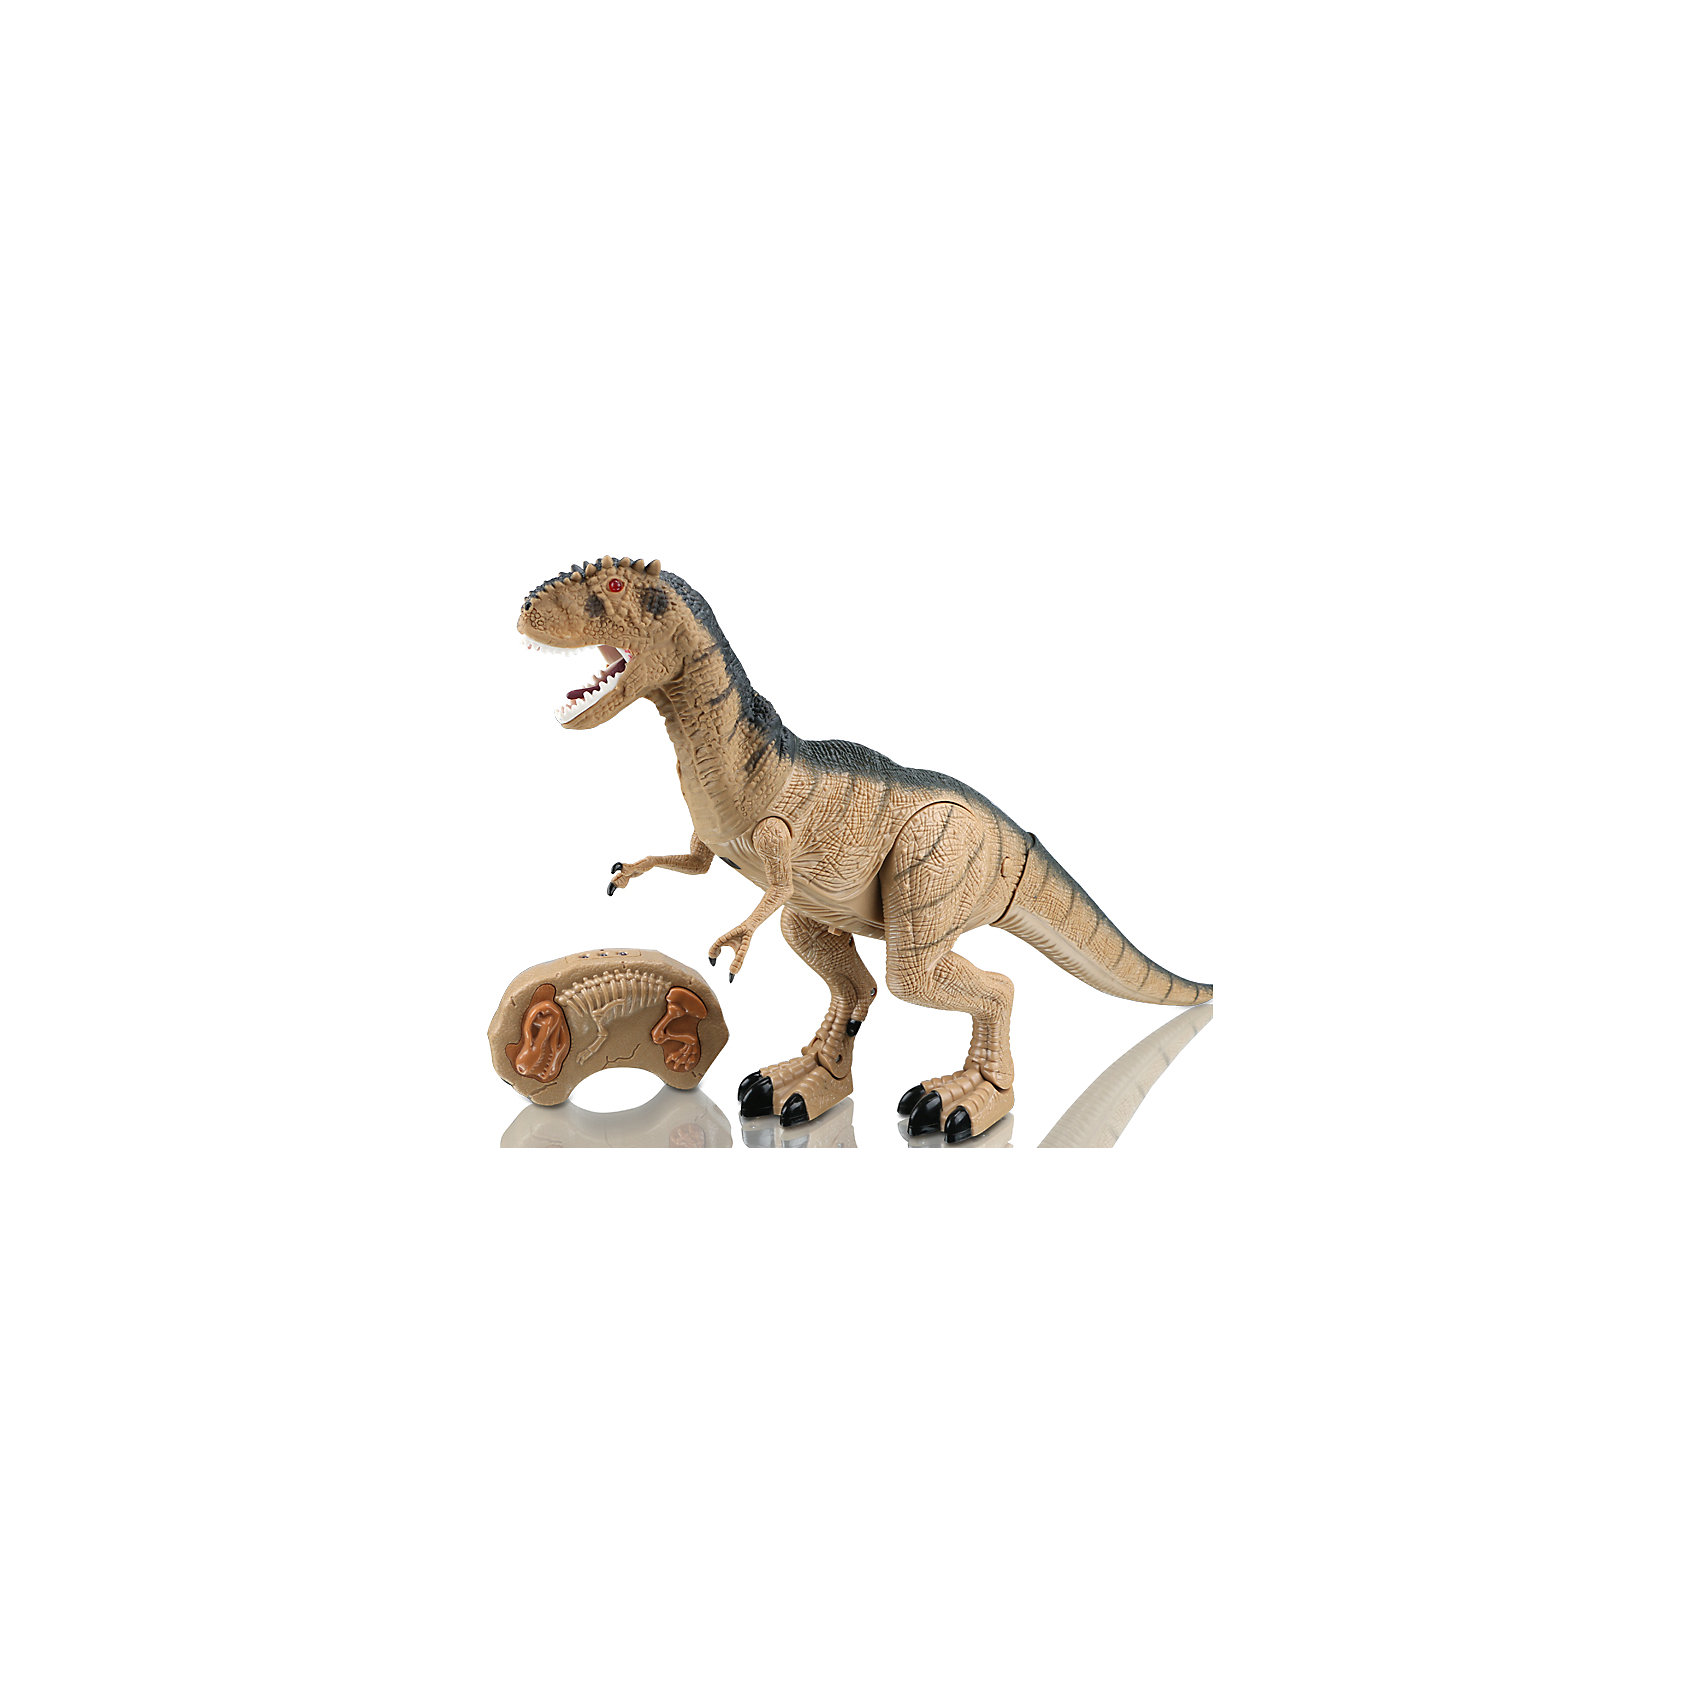 Динозавр на и/к управлении Доисторический ящер, Mioshi ActiveИдеи подарков<br>Характеристики товара:<br><br>• возраст от 3 лет;<br>• материал: пластик;<br>• в комплекте: динозавр, пульт;<br>• игрушка работает от батареек (в комплект не входят);<br>• высота динозавра 47 см;<br>• размер упаковки 51х31х12 см;<br>• вес упаковки 1,45 кг;<br>• страна производитель: Китай.<br><br>Динозавр «Доисторический ящер» Mioshi Active — игрушка, которая управляется при помощи пульта управления. Динозавр двигается, вертит головой и издает грозное рычание. При включении у него загораются глаза. Игрушка выполнена из качественного прочного материала. <br><br>Динозавра «Доисторический ящер» Mioshi Active можно приобрести в нашем интернет-магазине.<br><br>Ширина мм: 510<br>Глубина мм: 120<br>Высота мм: 310<br>Вес г: 1450<br>Возраст от месяцев: 36<br>Возраст до месяцев: 72<br>Пол: Унисекс<br>Возраст: Детский<br>SKU: 5581247